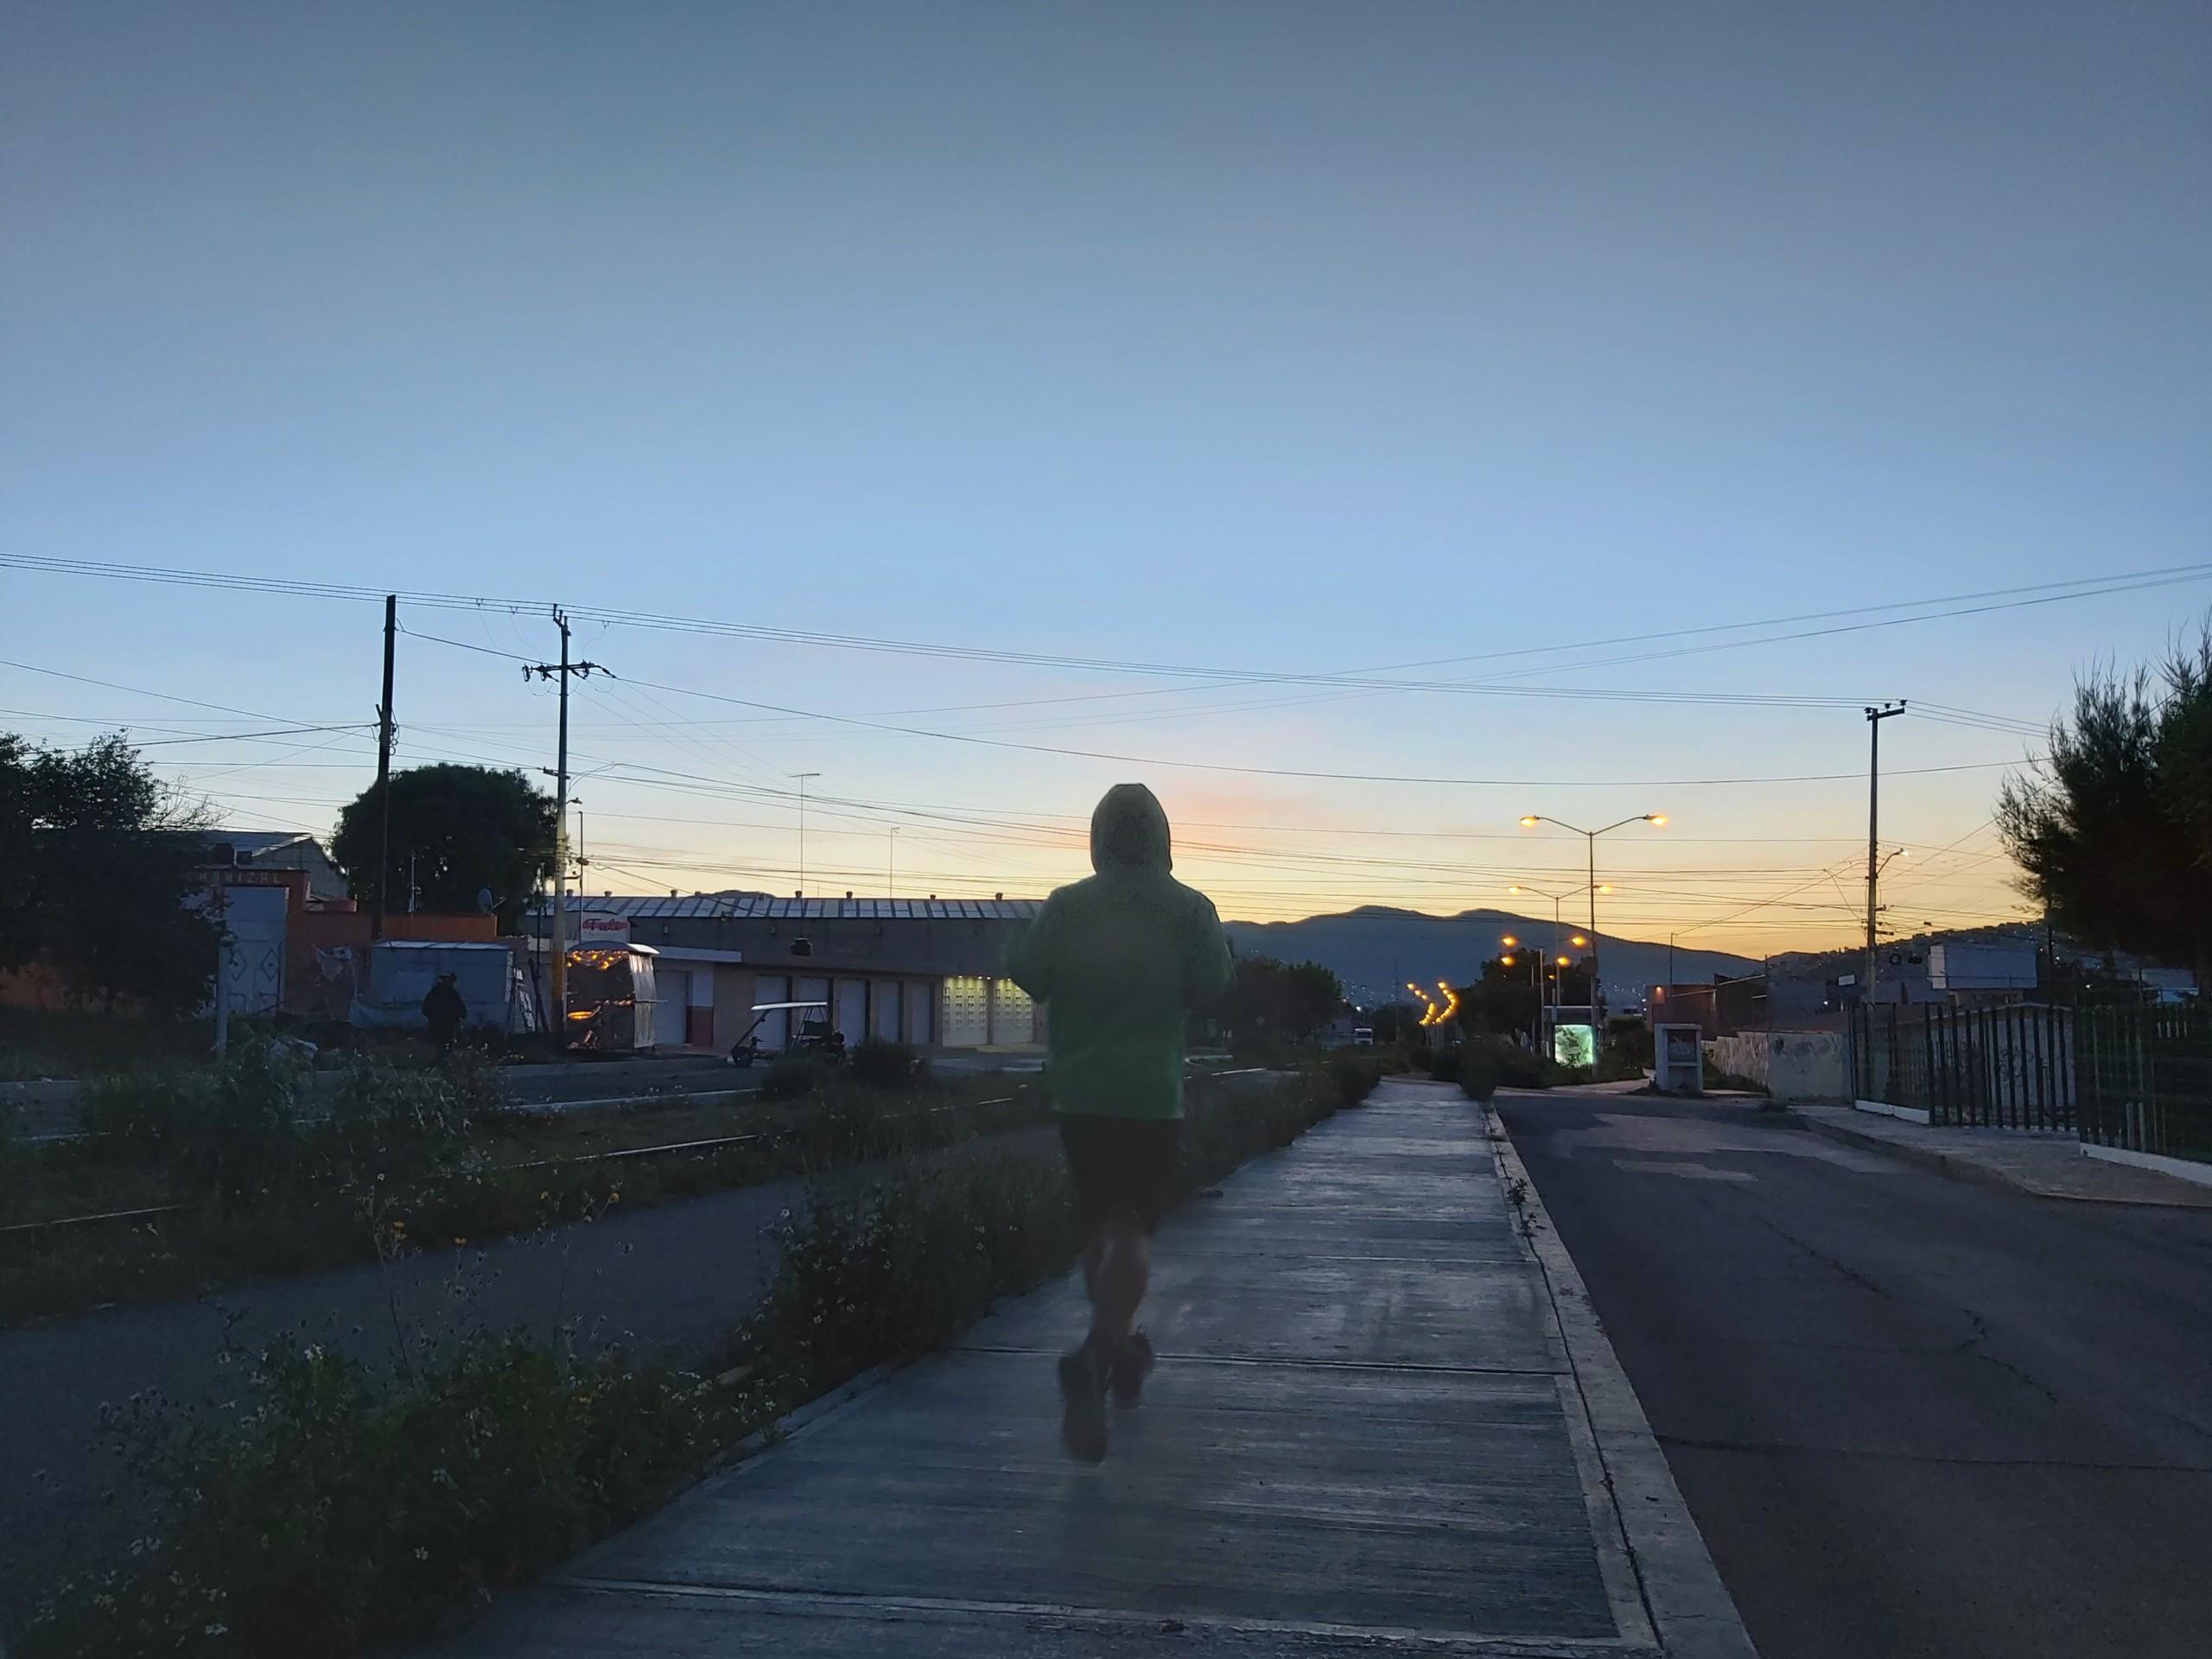 Frío desciende hasta los 4°C en Hidalgo 4 de octubre 2020